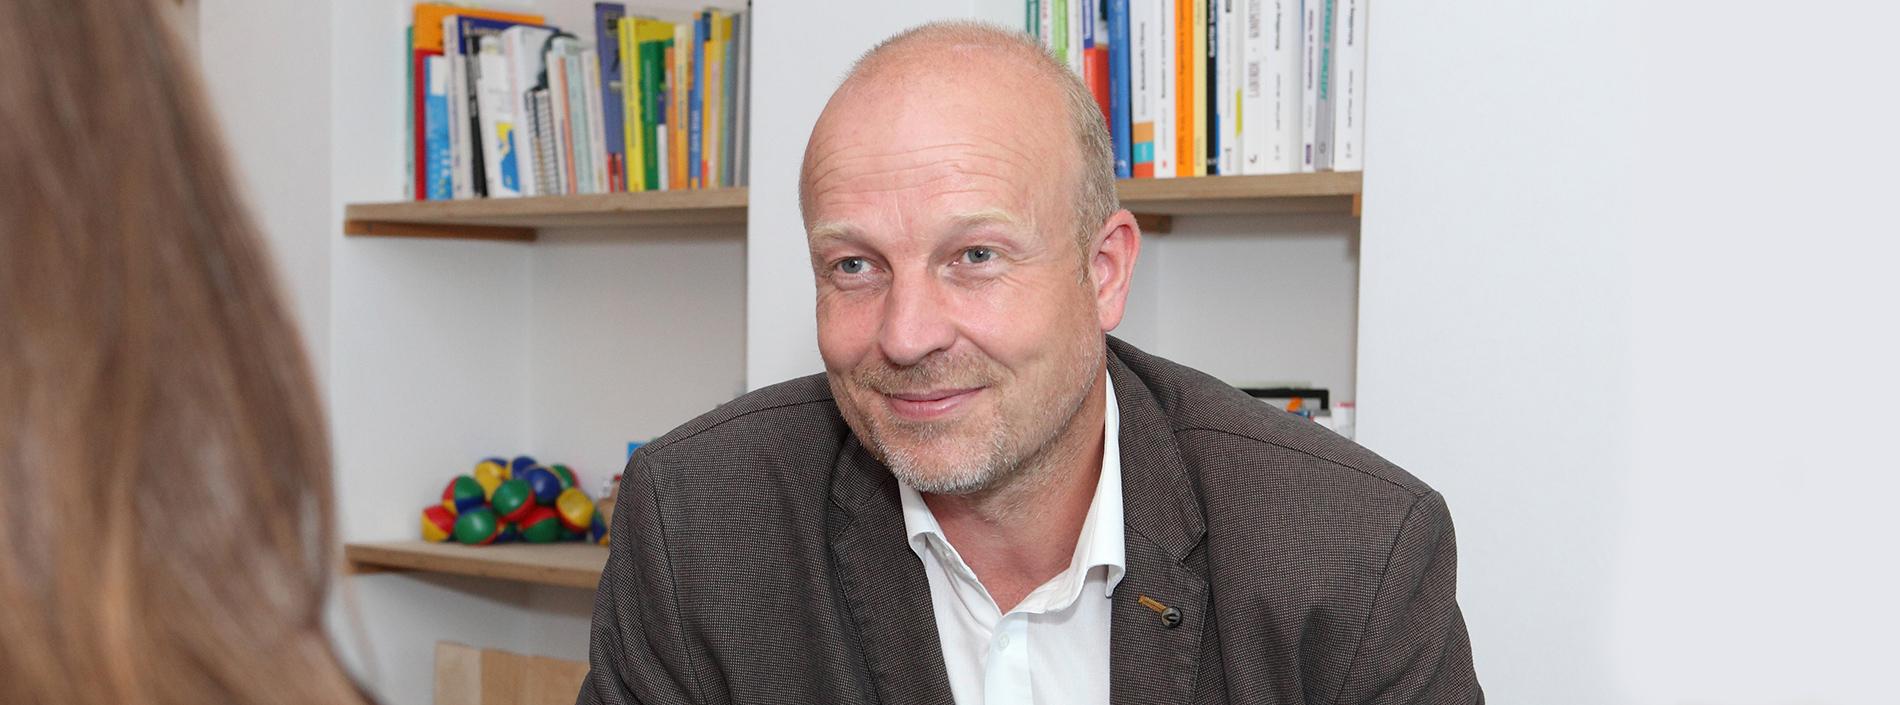 Frank Österreicher, Supervisor und Coach DGSv, Köln/Bonn